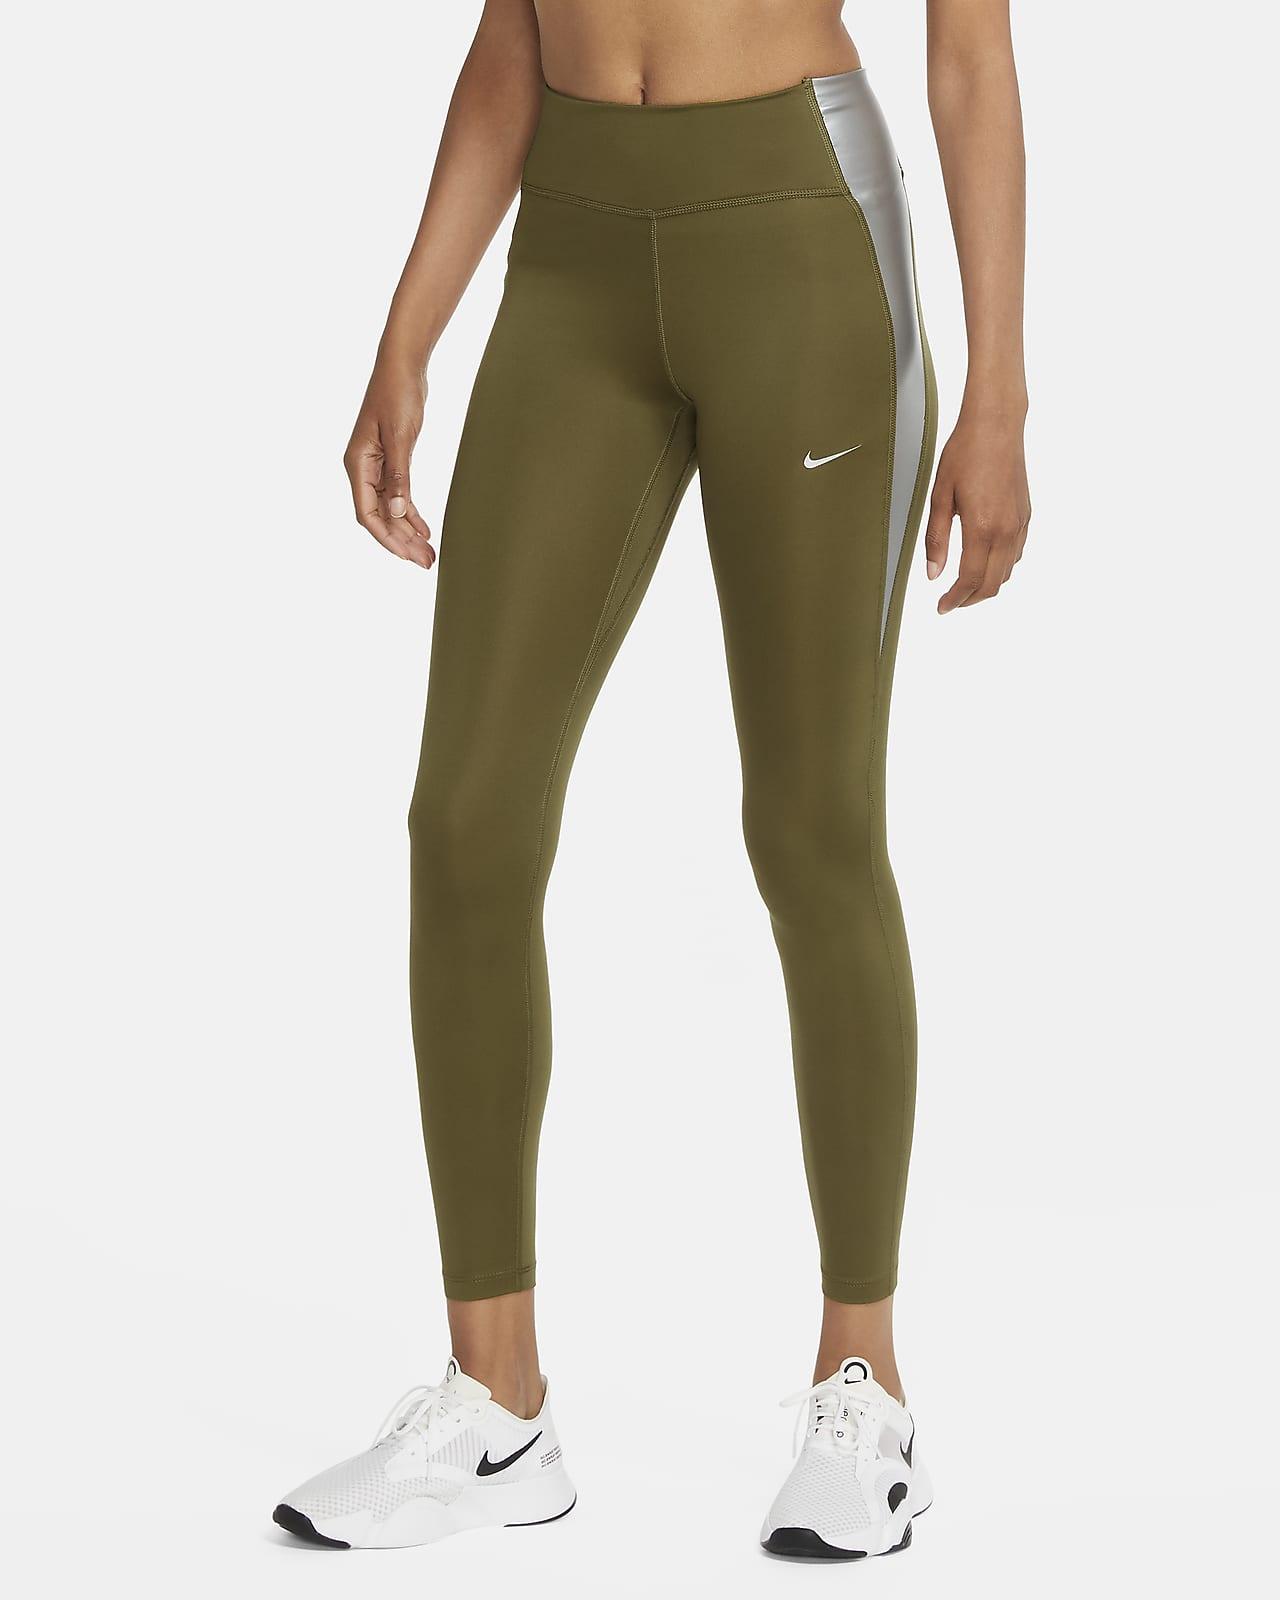 Nike One-tights til kvinder